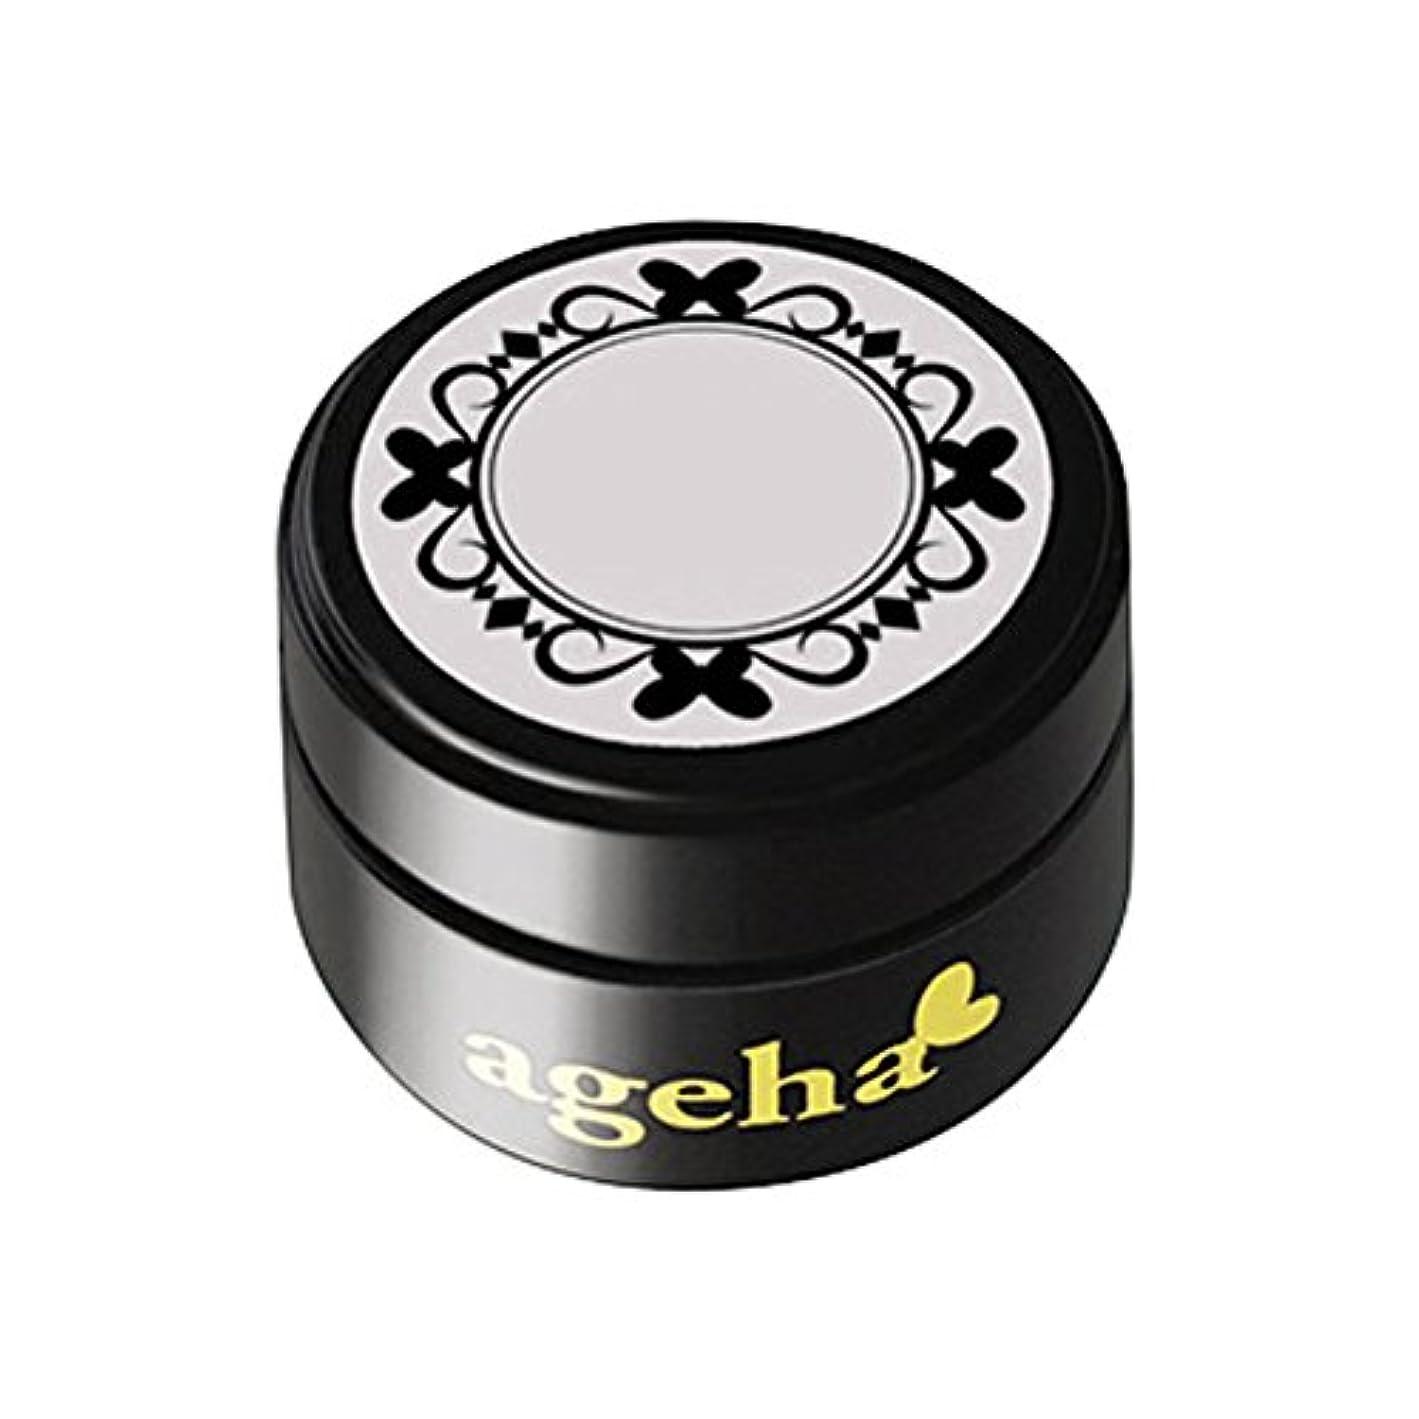 強風好きである若者ageha gel カラージェル コスメカラー 105 ピーチヌード 2.7g UV/LED対応